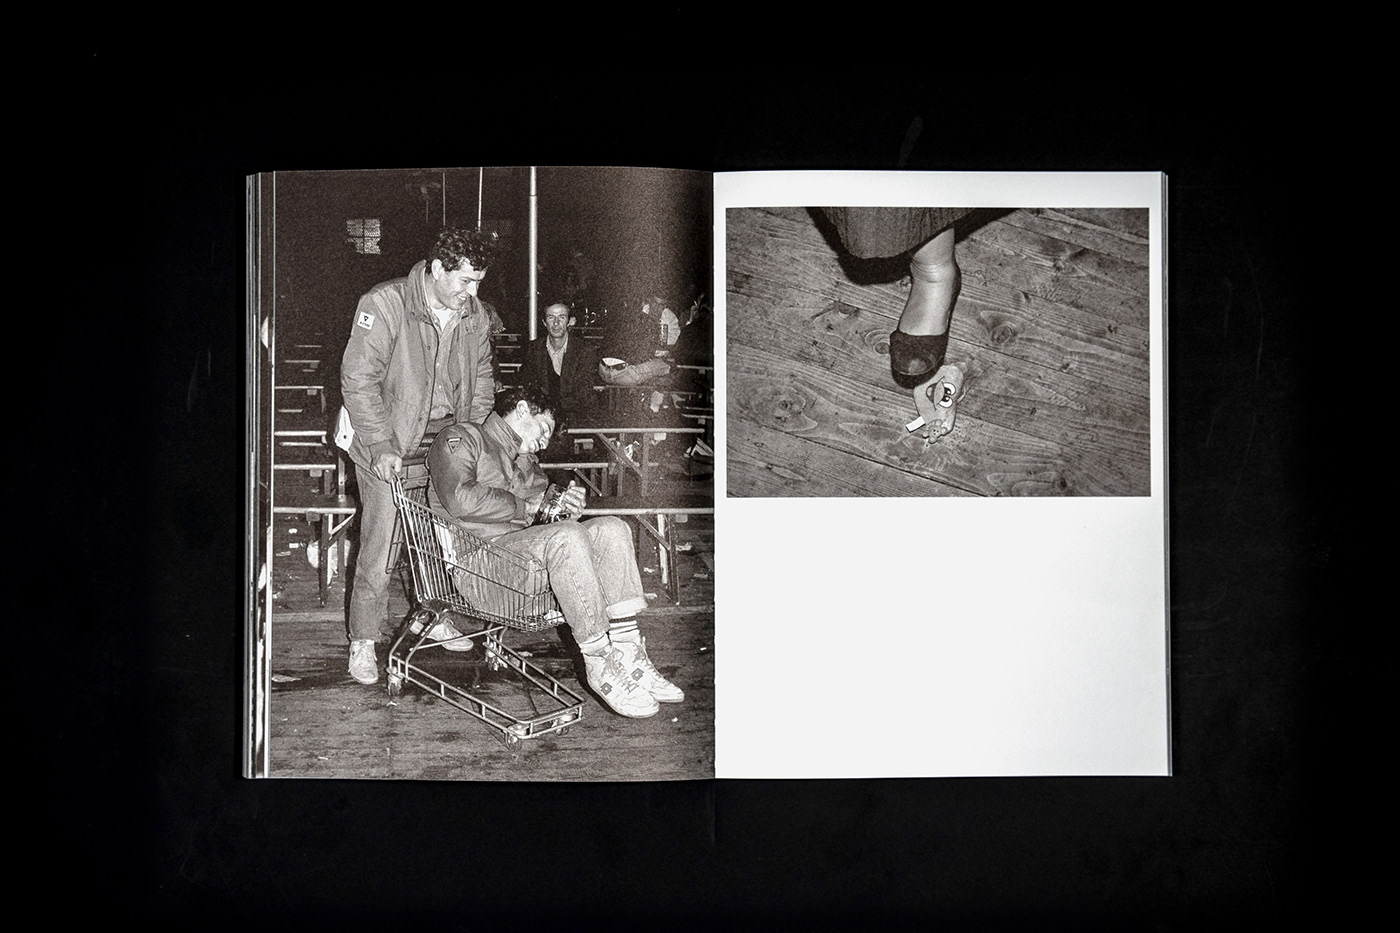 artbook independentpublishing München oktoberfest photobook Photography  reallife slanted Slanted Publishers Wiesn